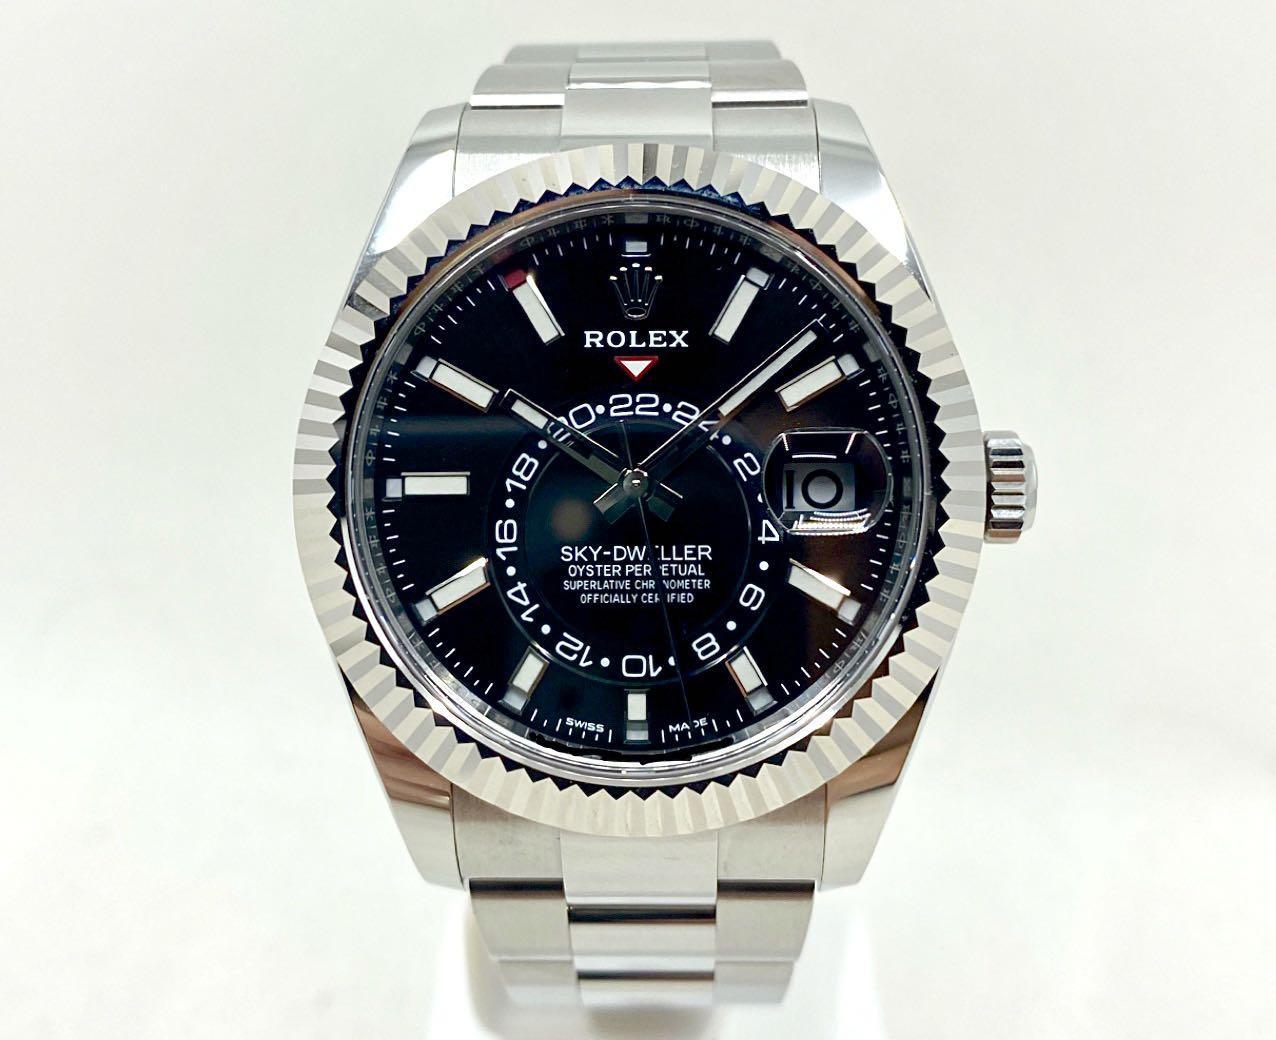 BNIB Rolex Sky-Dweller 326934 Black